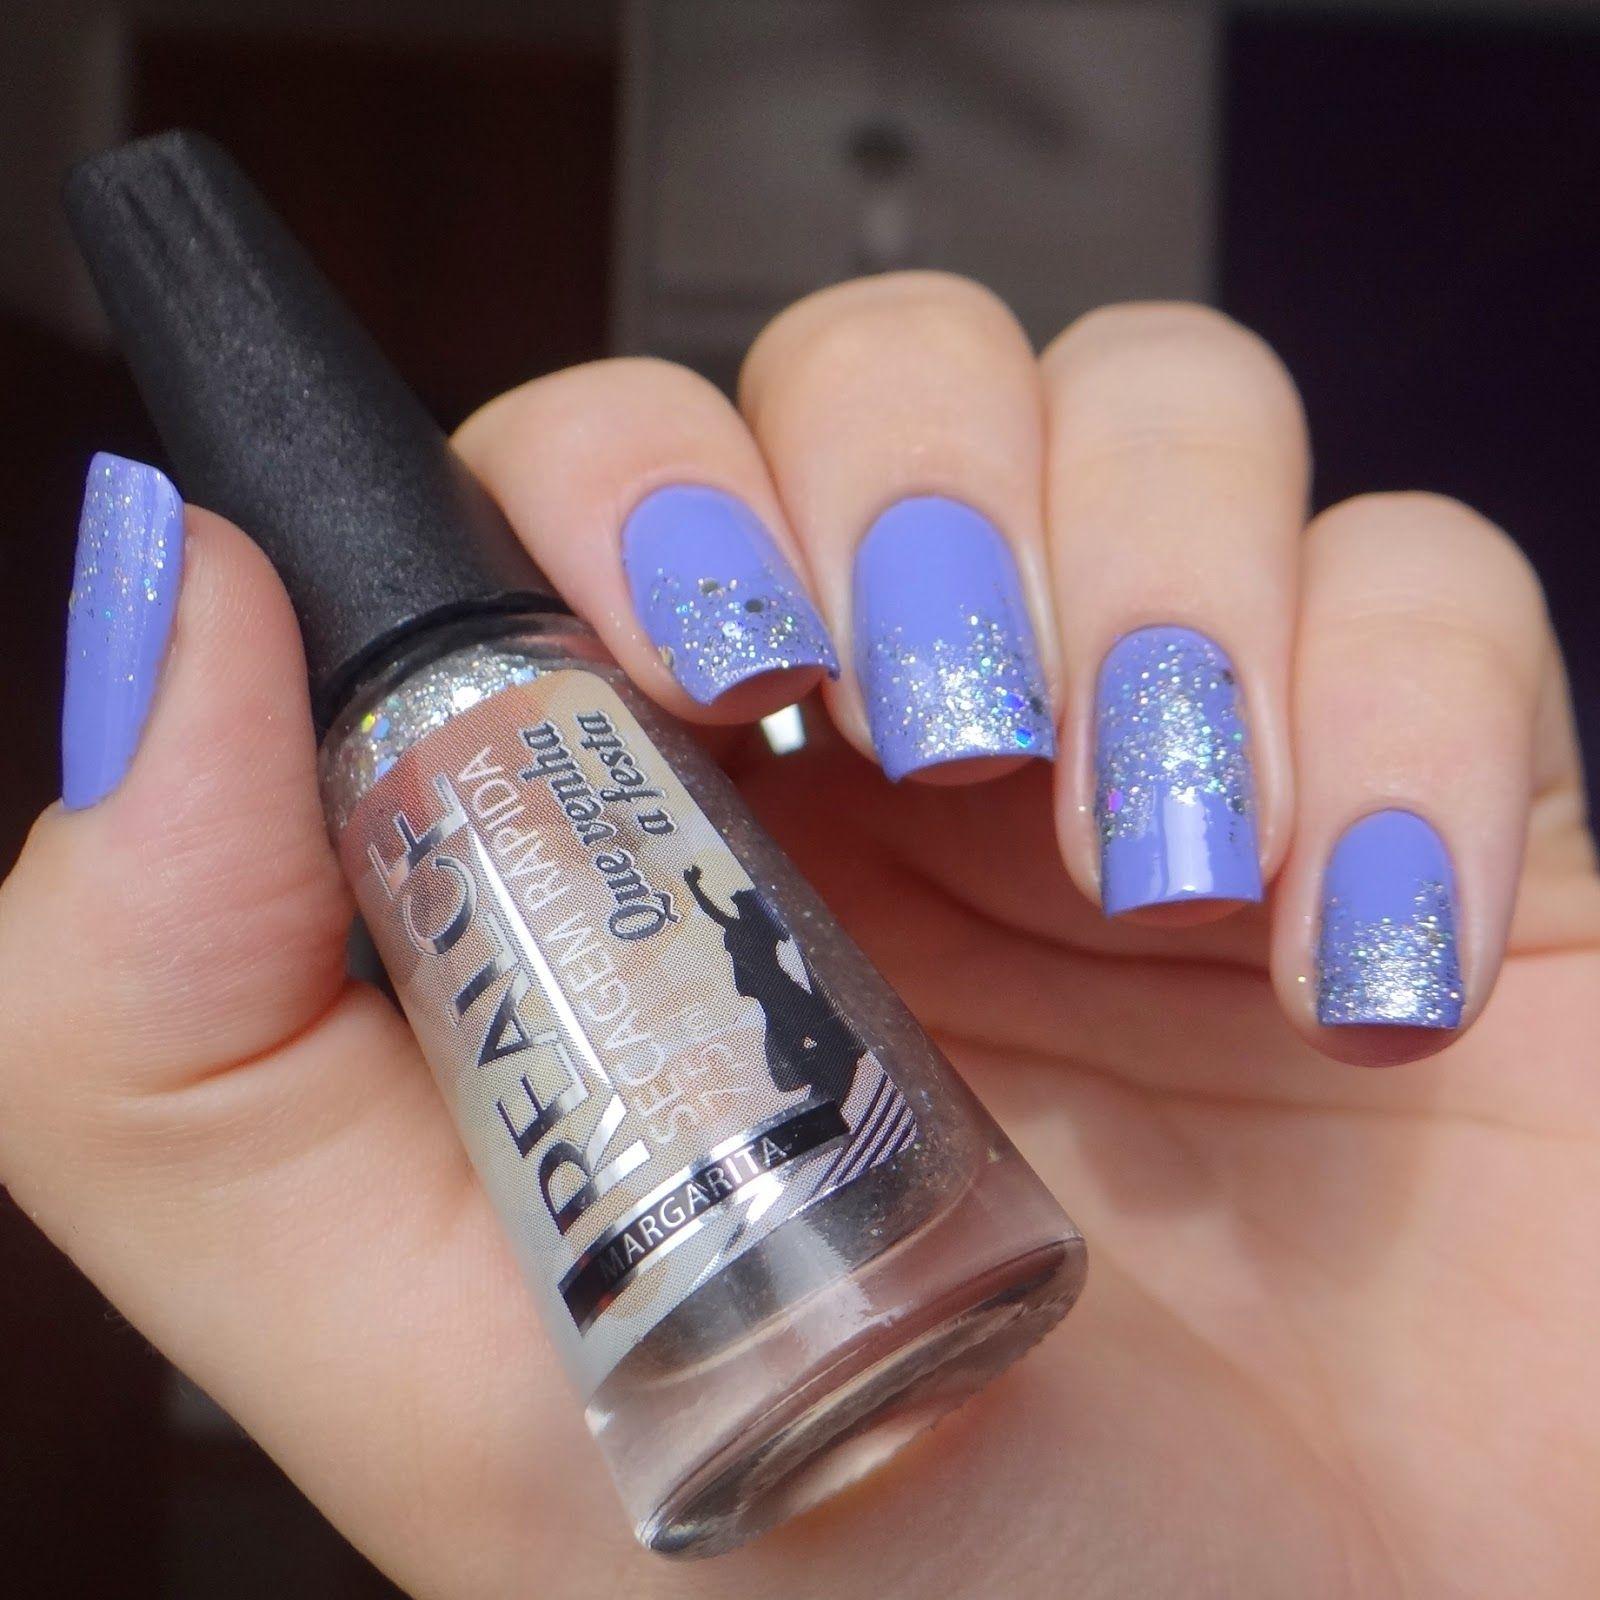 Esmalte Joan da Granado + Margarita da Realce. Lillac, violet nails ...